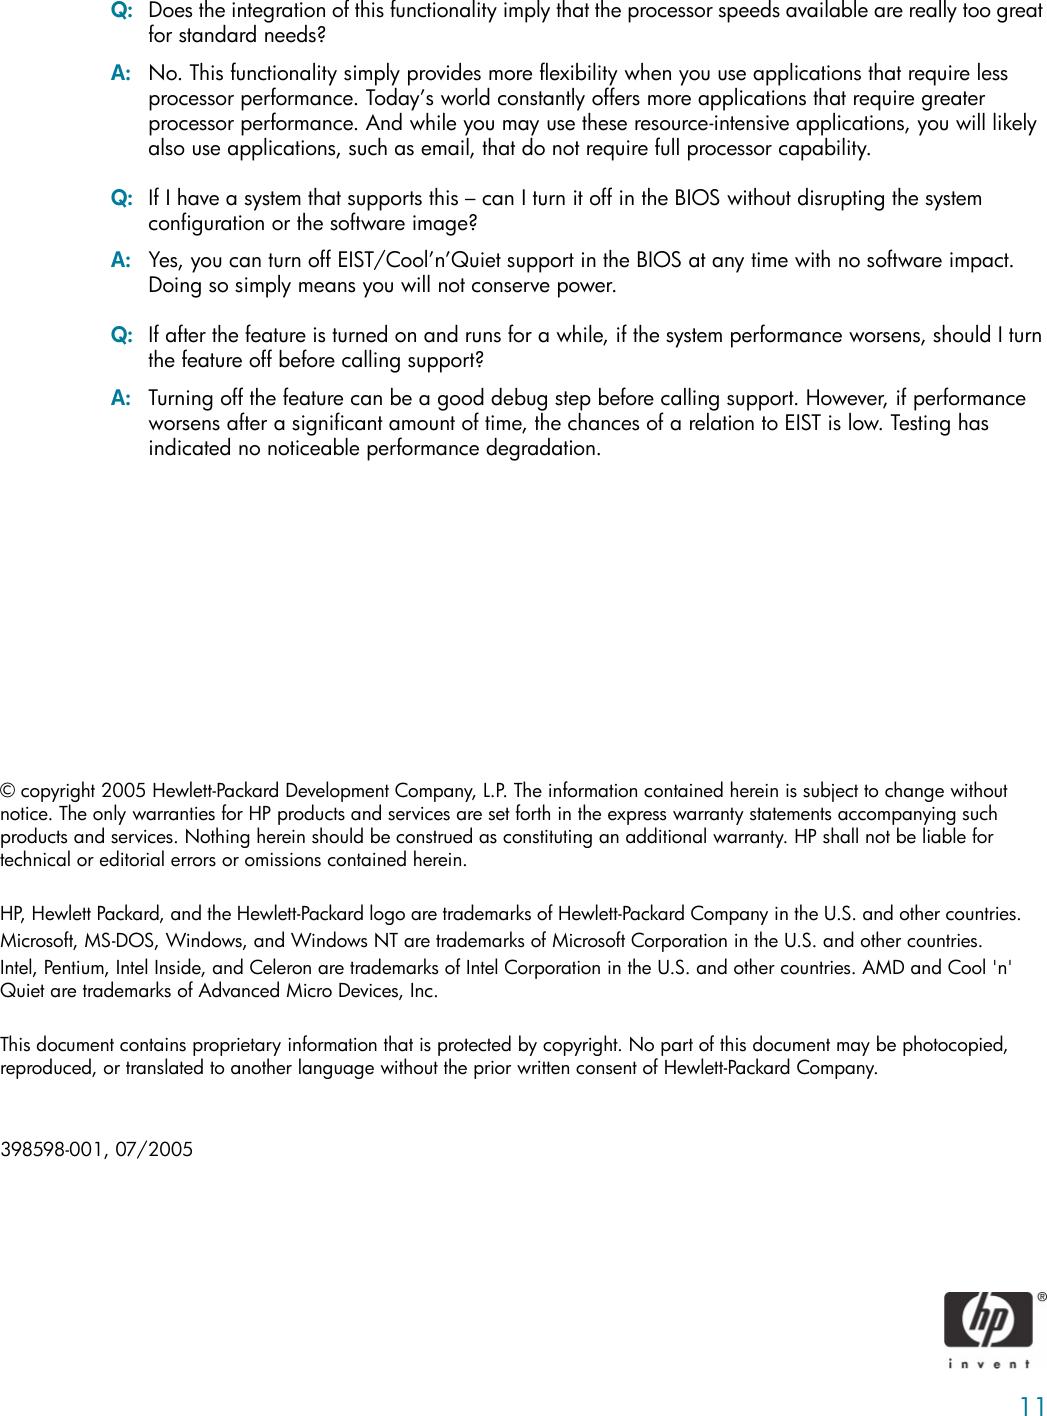 HP Runtime Power Management, V 1 0 C00465840